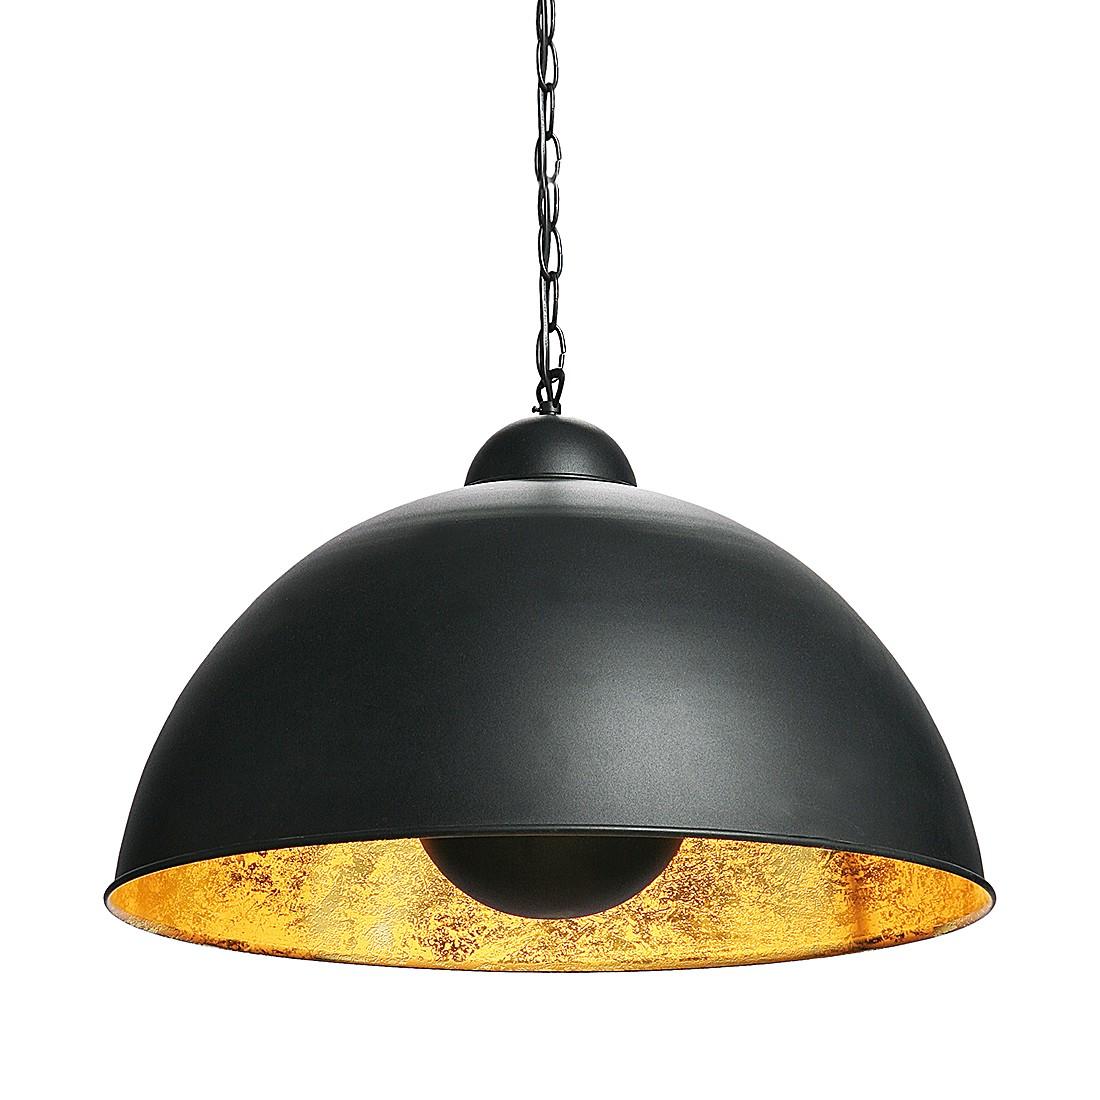 Pendelleuchte HL Dottore ● Metall/Kunststoff ● 1-flammig- Kare Design A++